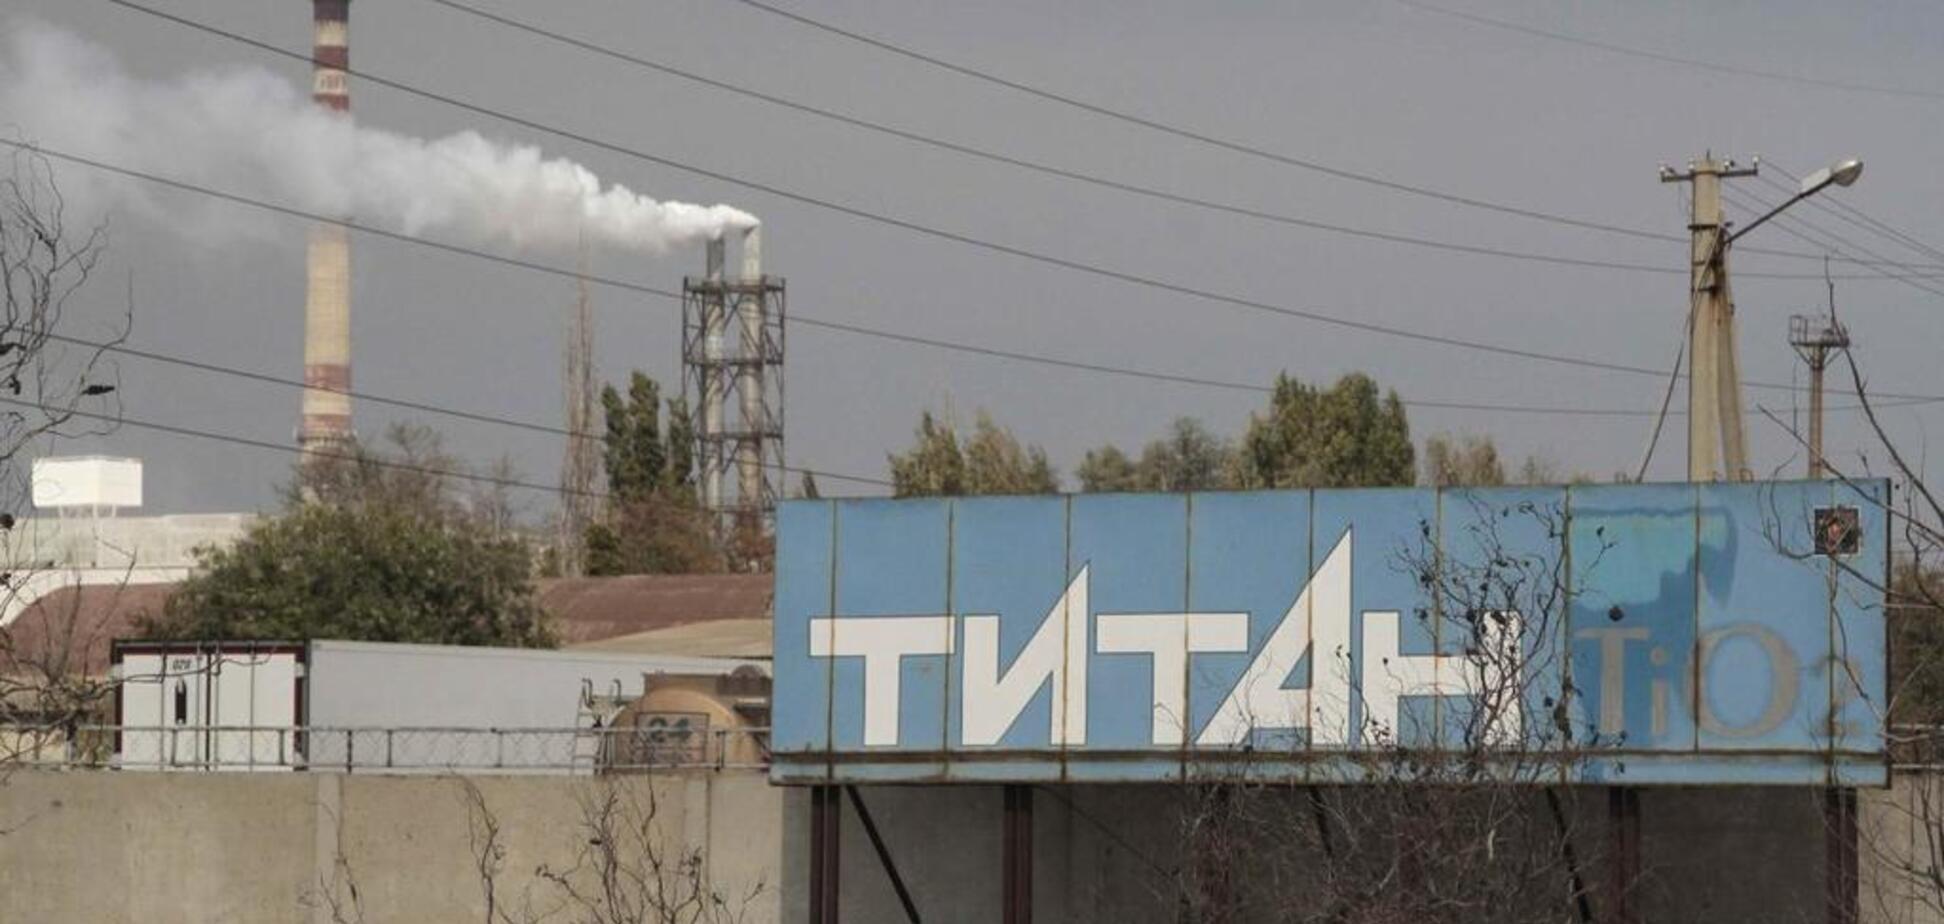 Люди бегут, орудуют мародеры: Армянск превратился в город-призрак после кислотной атаки